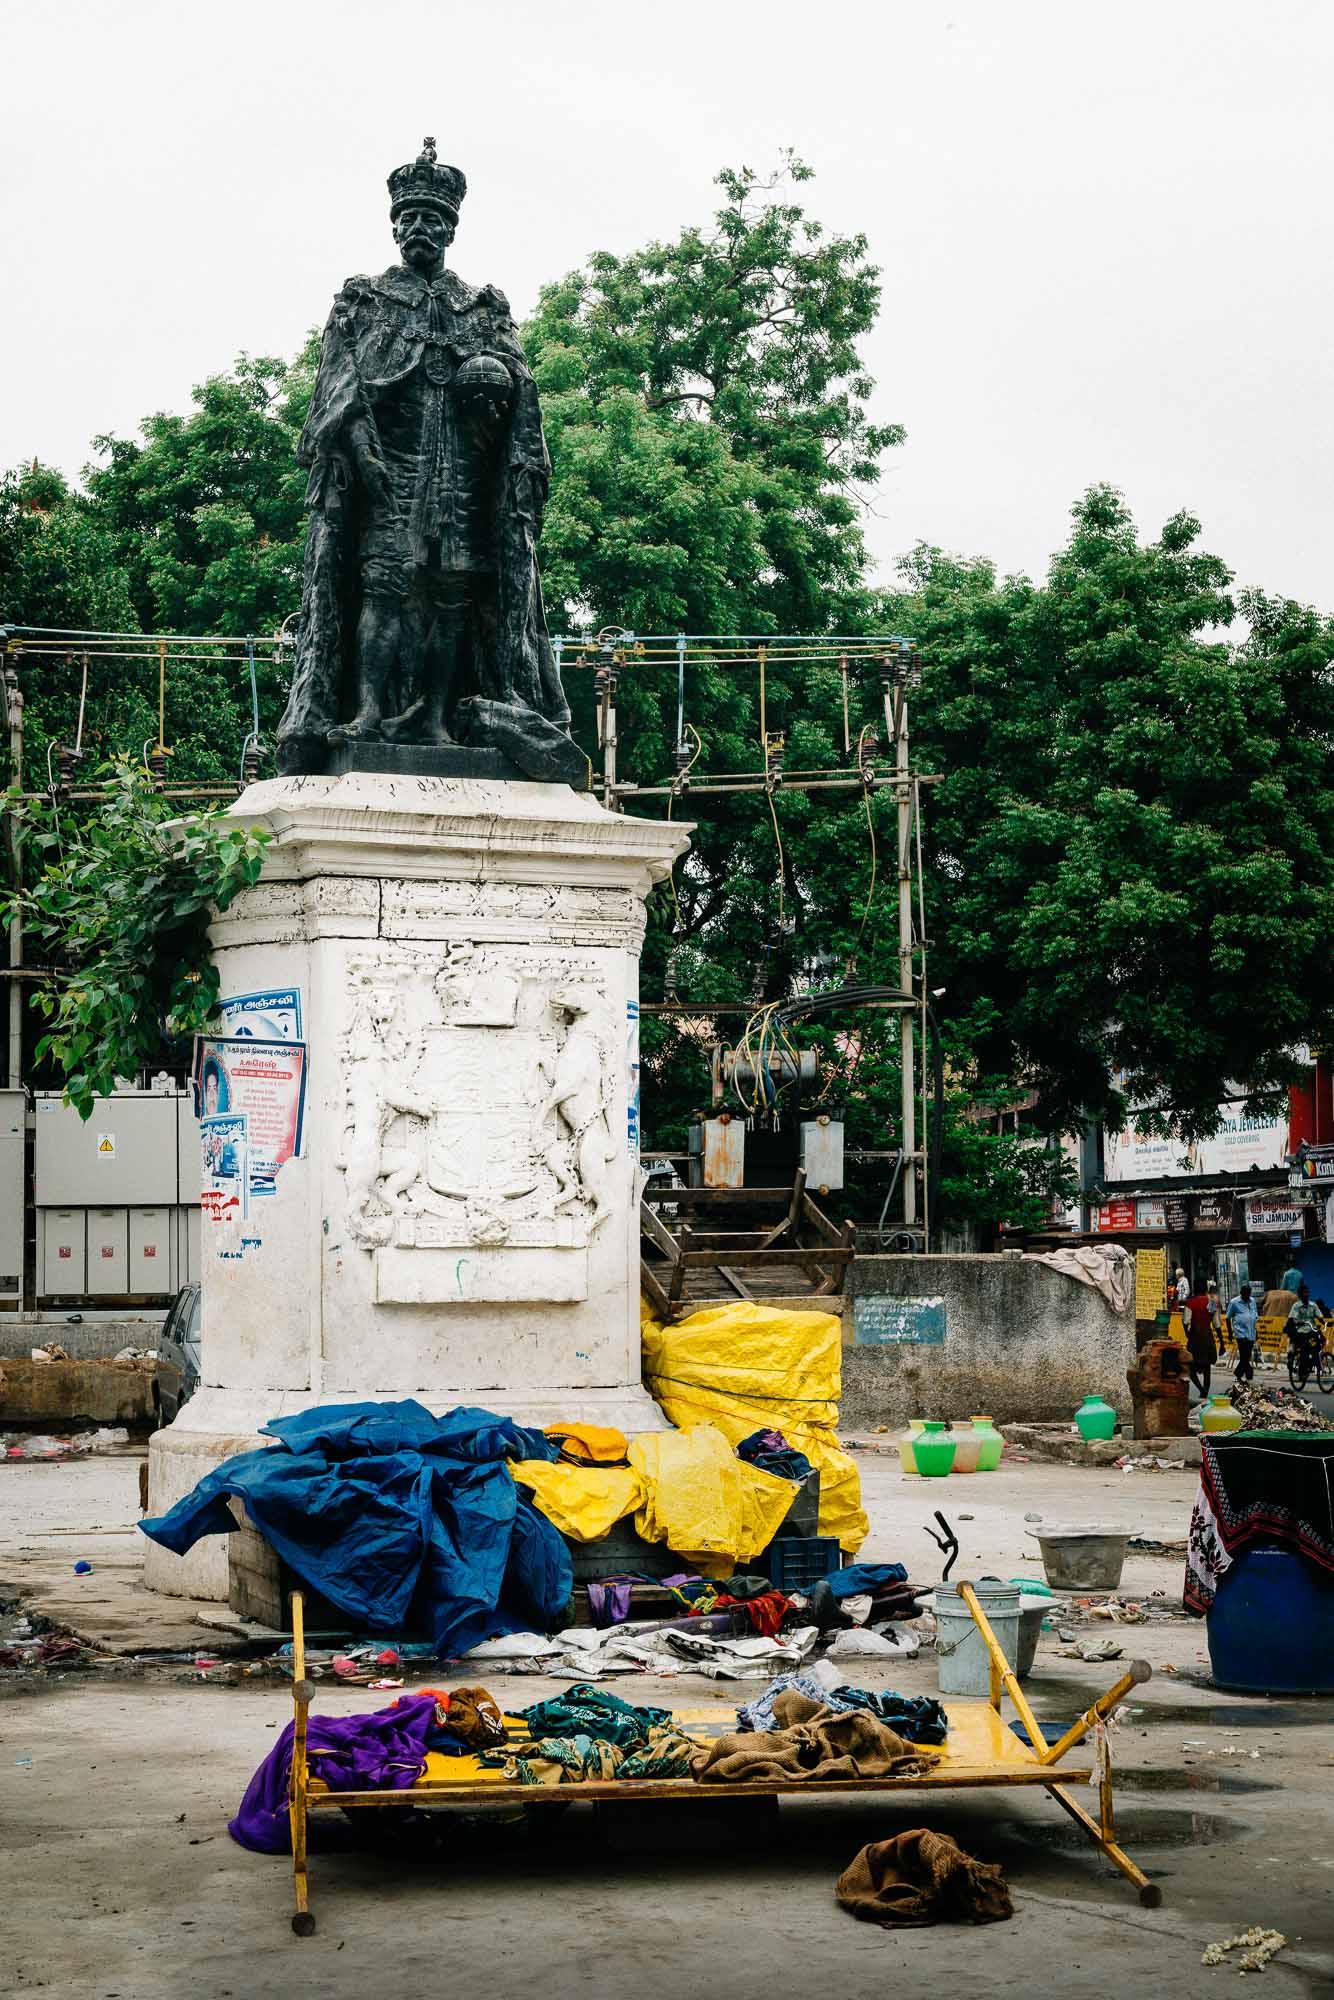 King George, Chennai